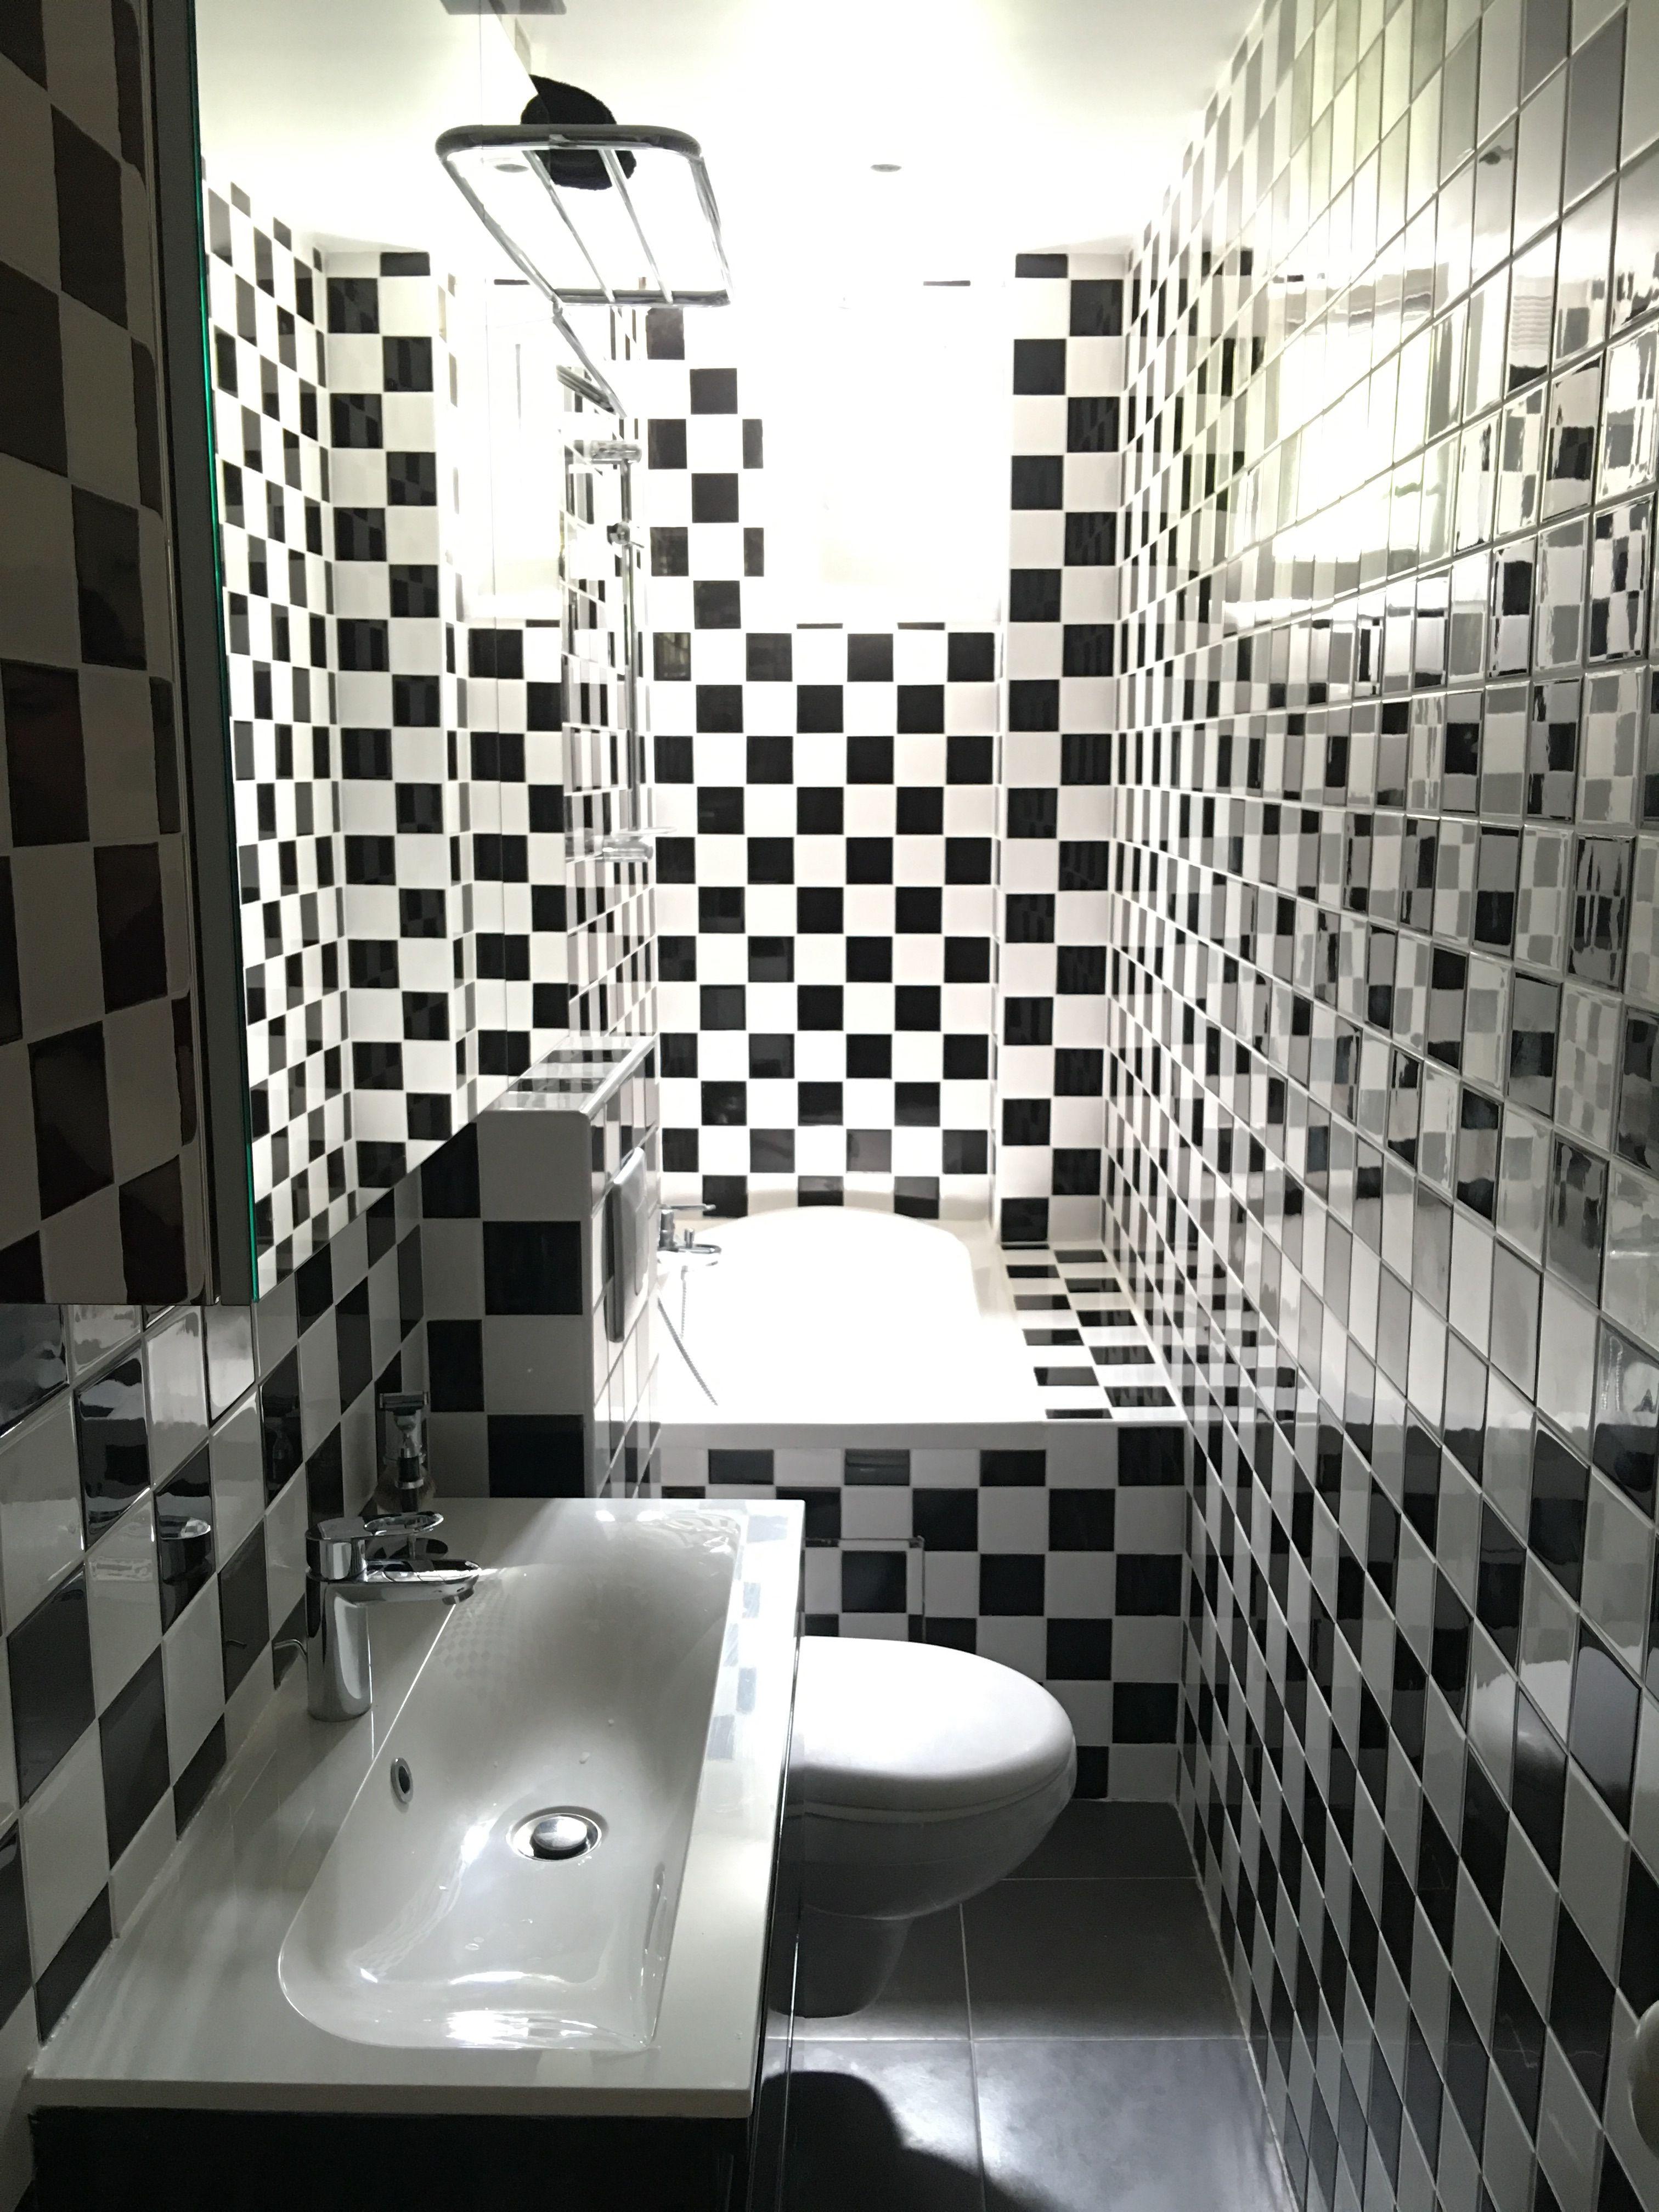 Ma salle de bain en damier  Salle de bain design, Salle de bain